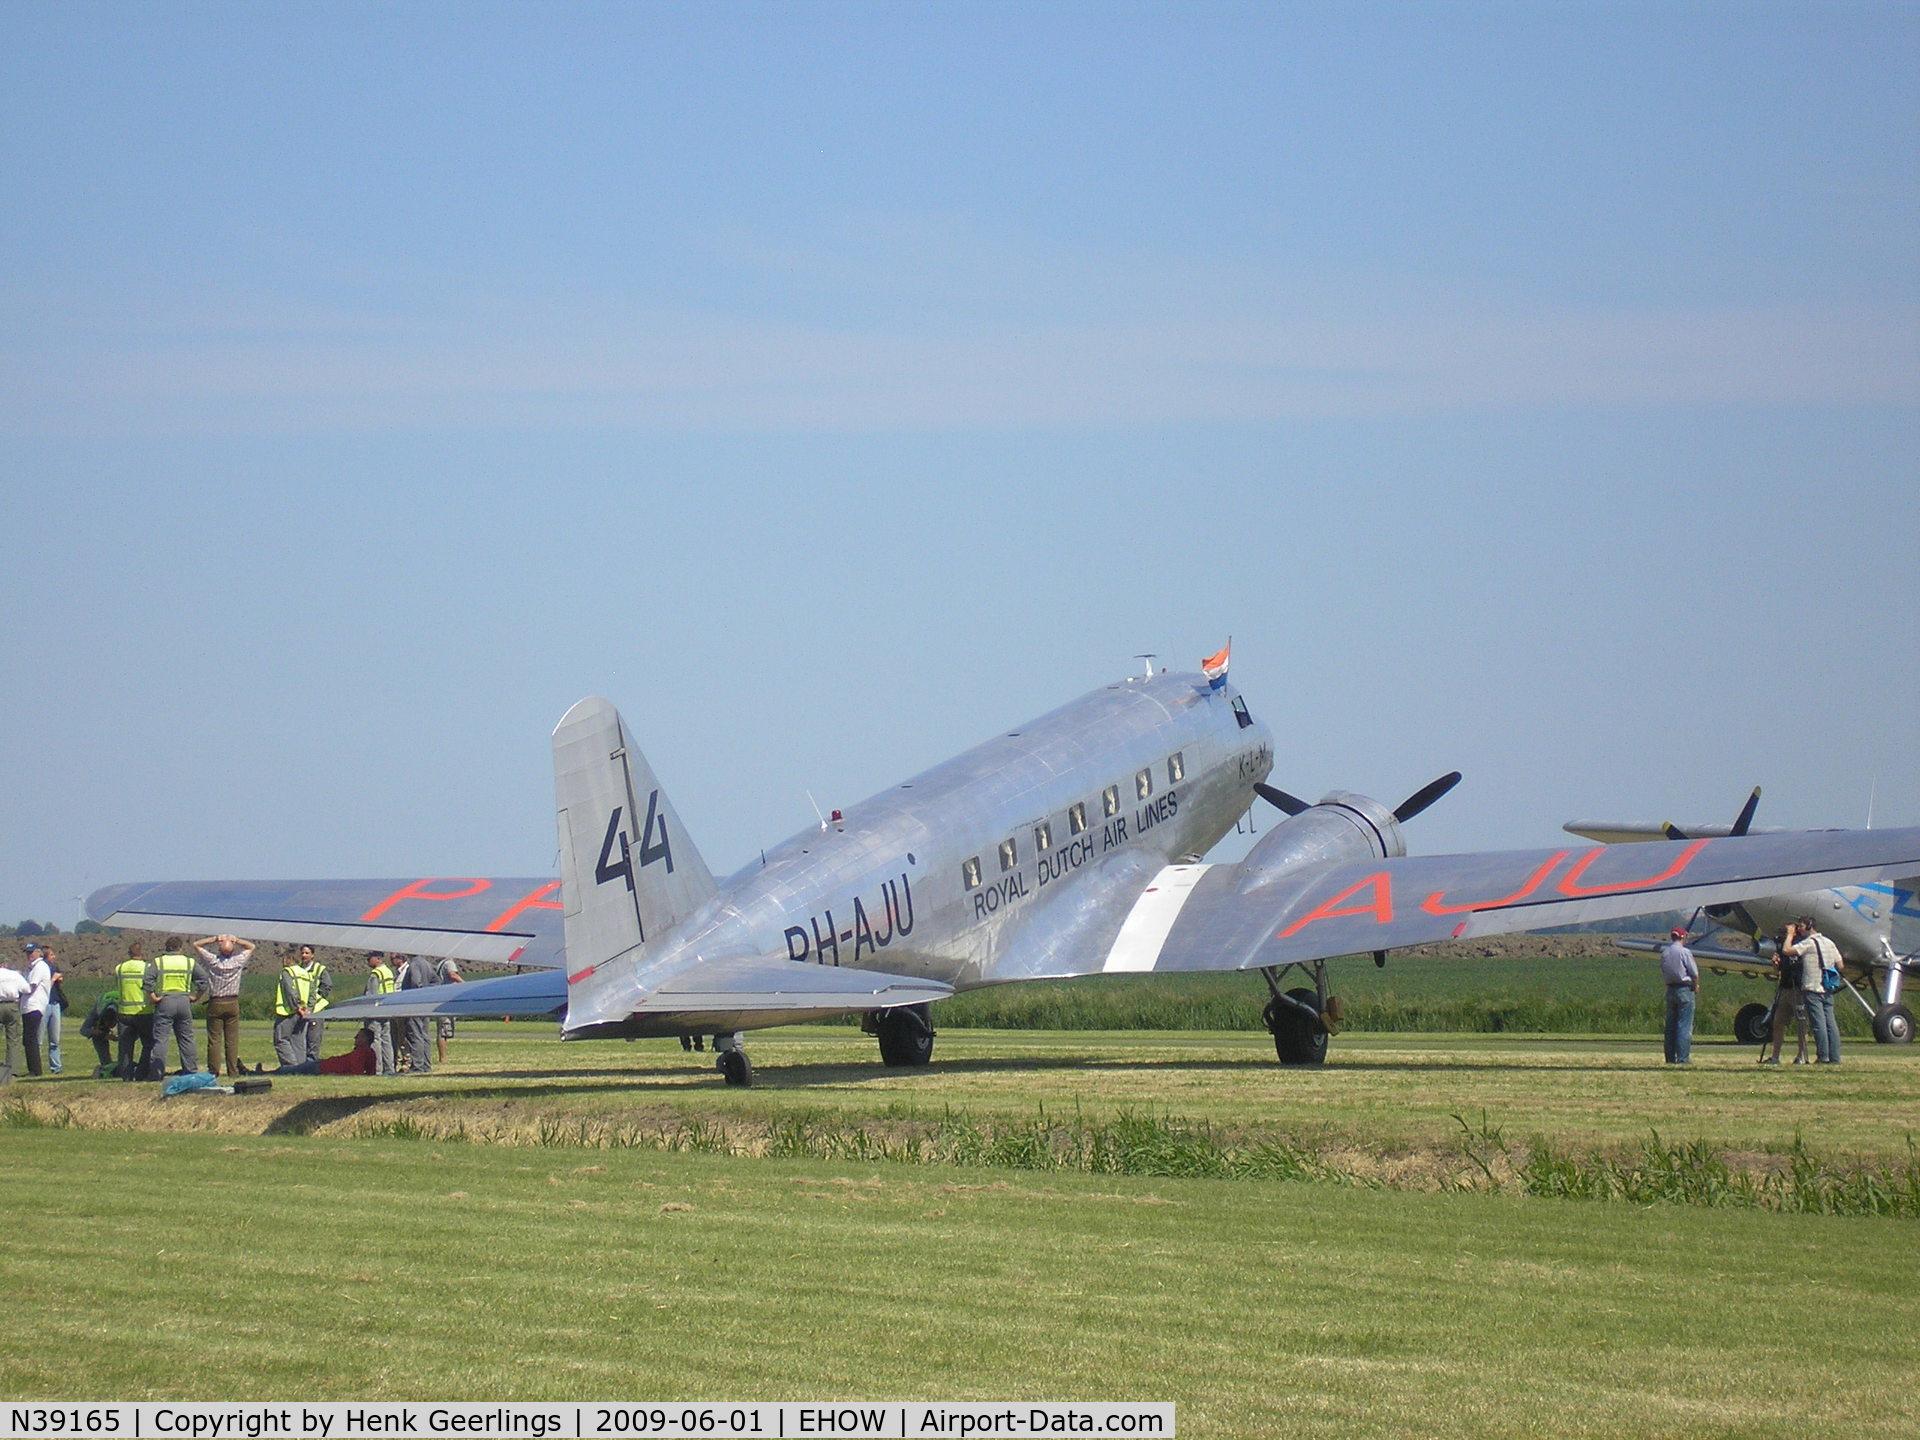 N39165, 1935 Douglas DC-2 C/N 1404, Oostwold  Airport  Airshow june 2009